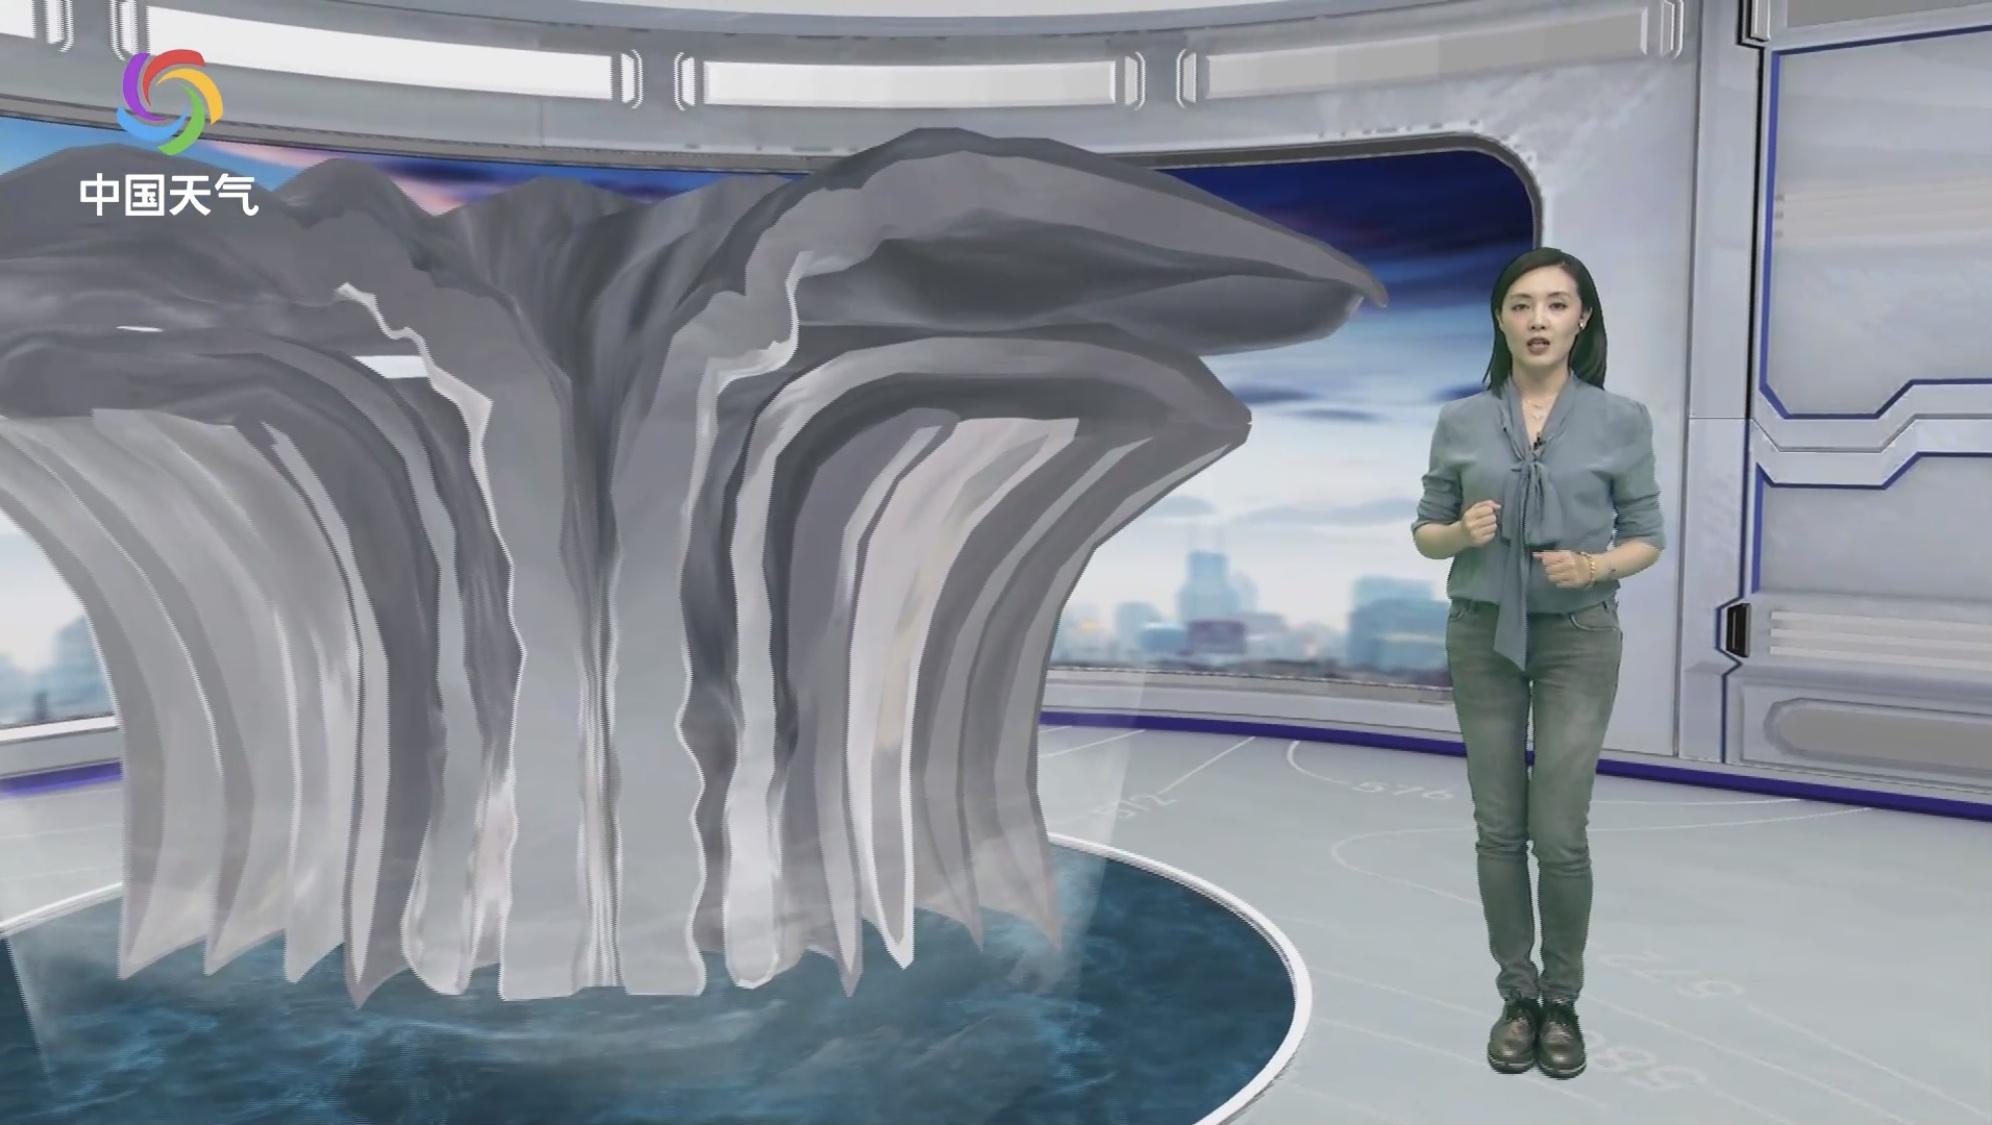 撩姐涨姿势:你知道台风过境时哪里风雨最大吗?